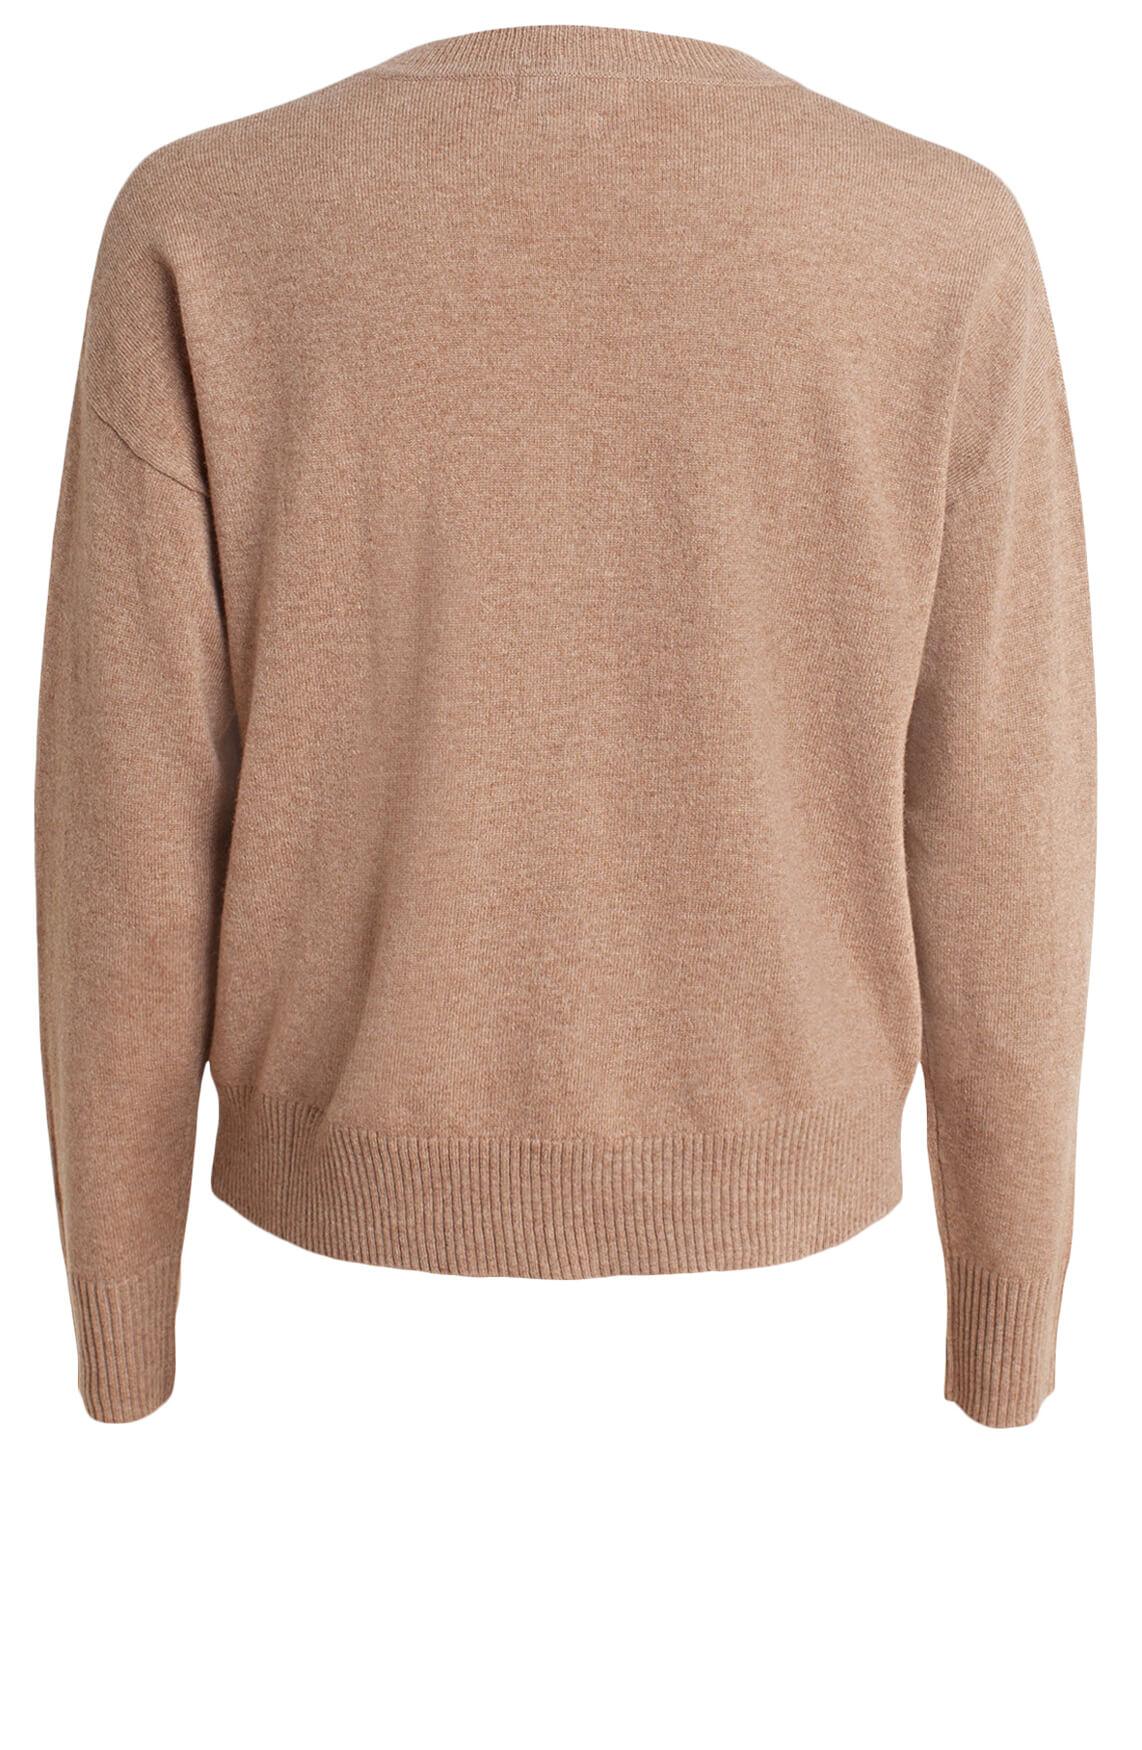 Anna Dames Cashmere pullover Bruin